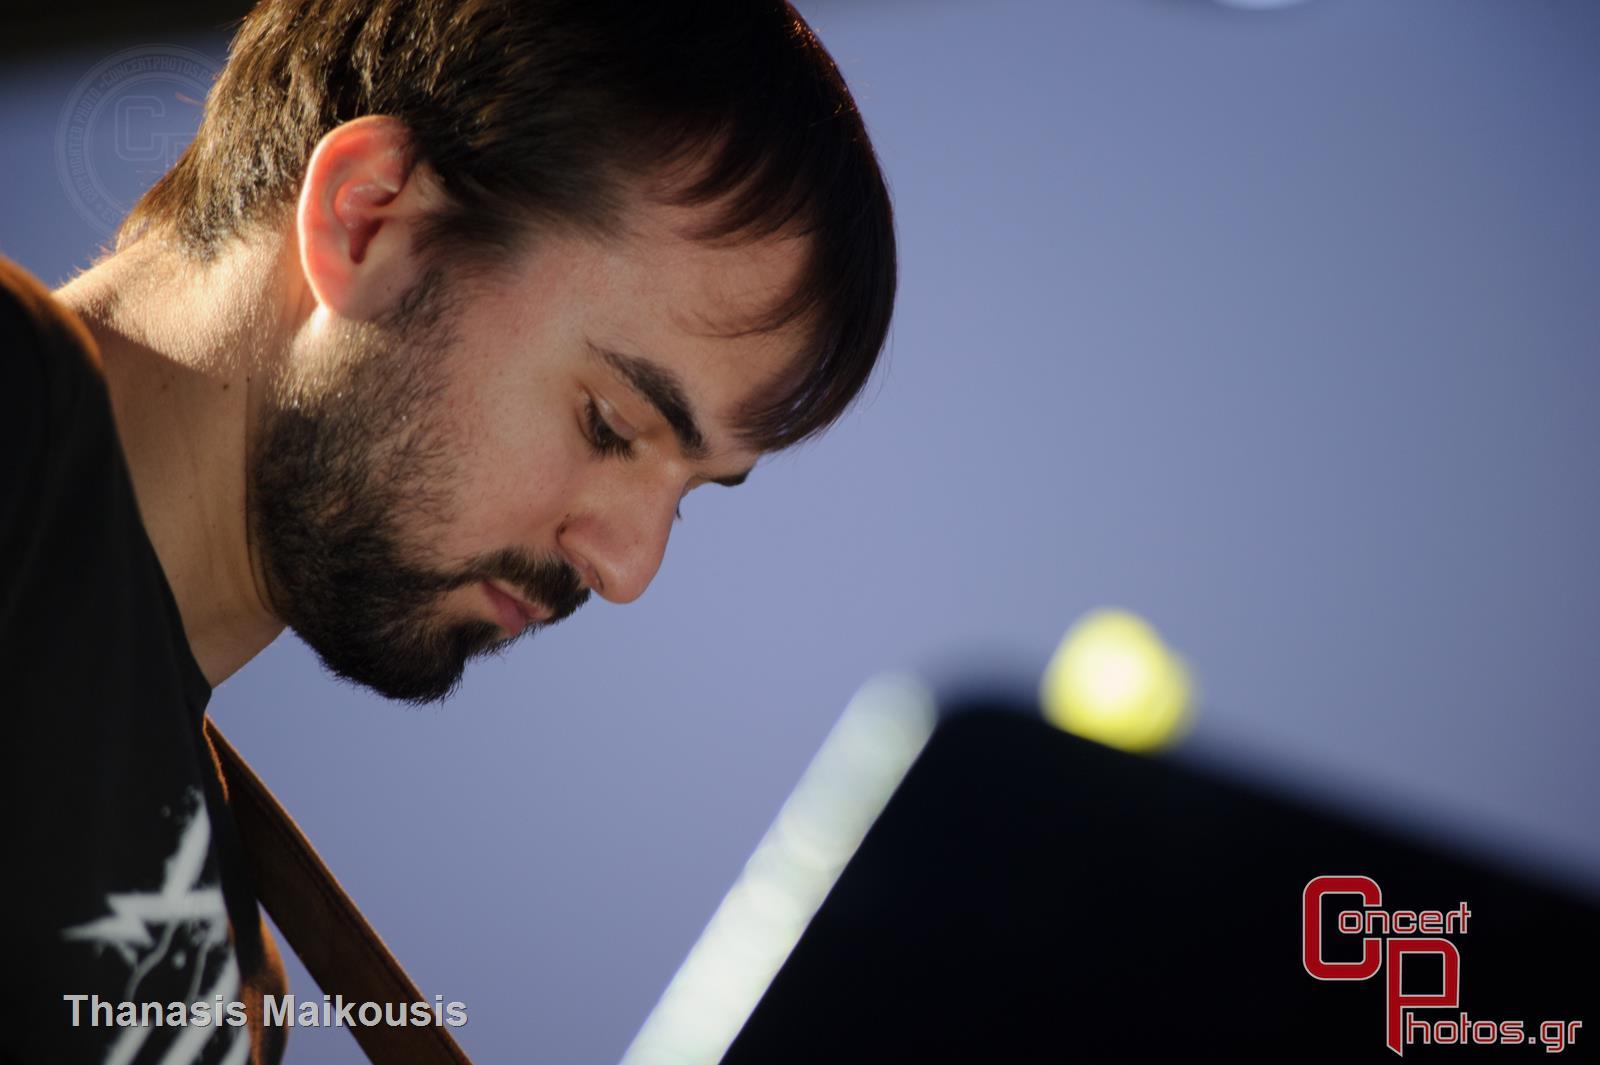 En Lefko 2014-En Lefko 2014 photographer: Thanasis Maikousis - concertphotos_20140621_21_05_21